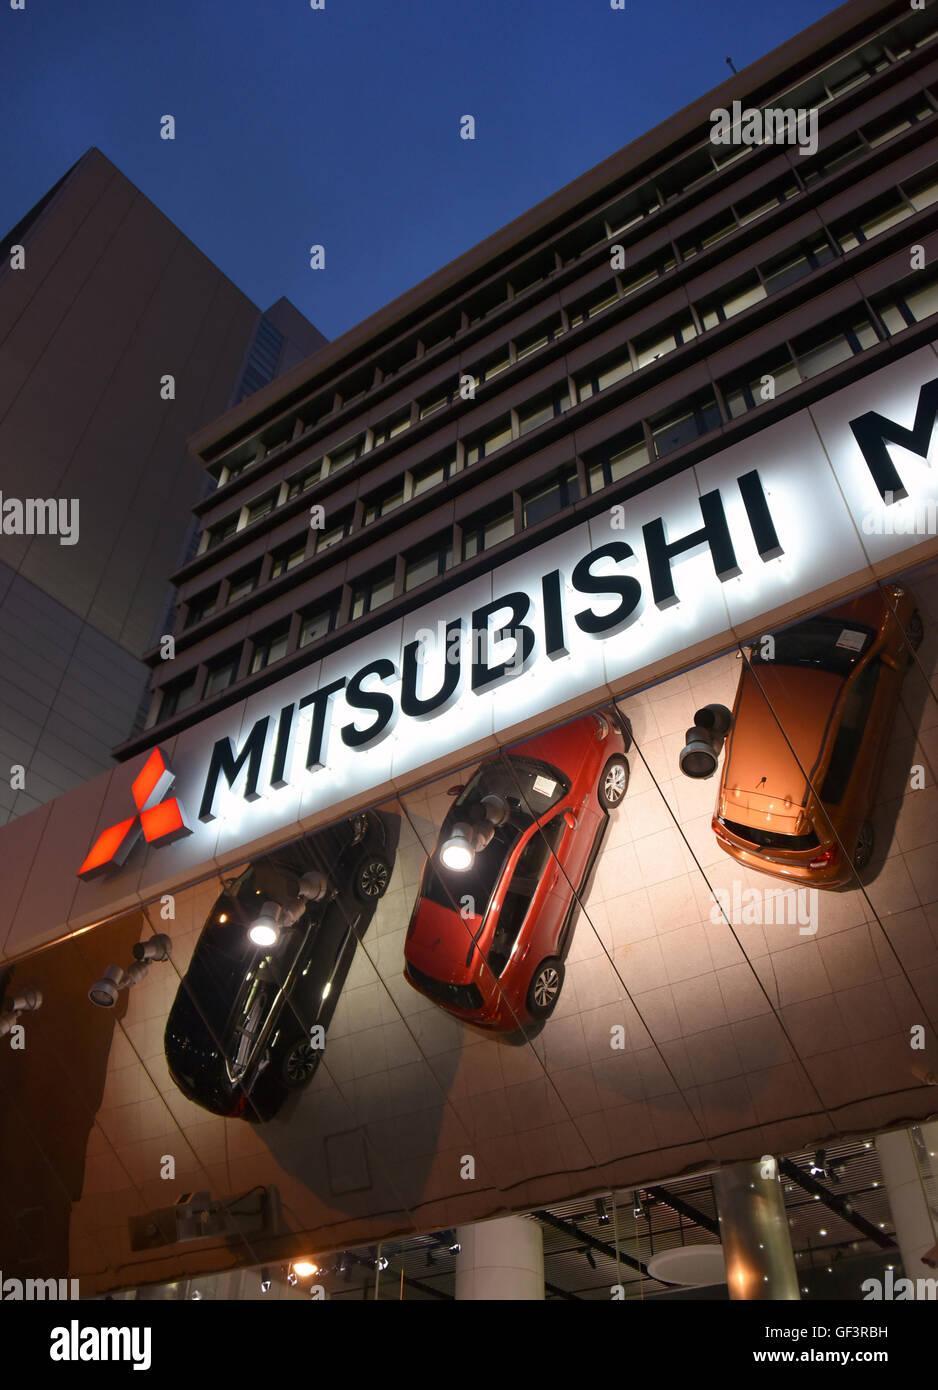 Mitsubishi Motors Latest Models >> Tokyo Japan 27th July 2016 Latest Models Of Mitsubishi